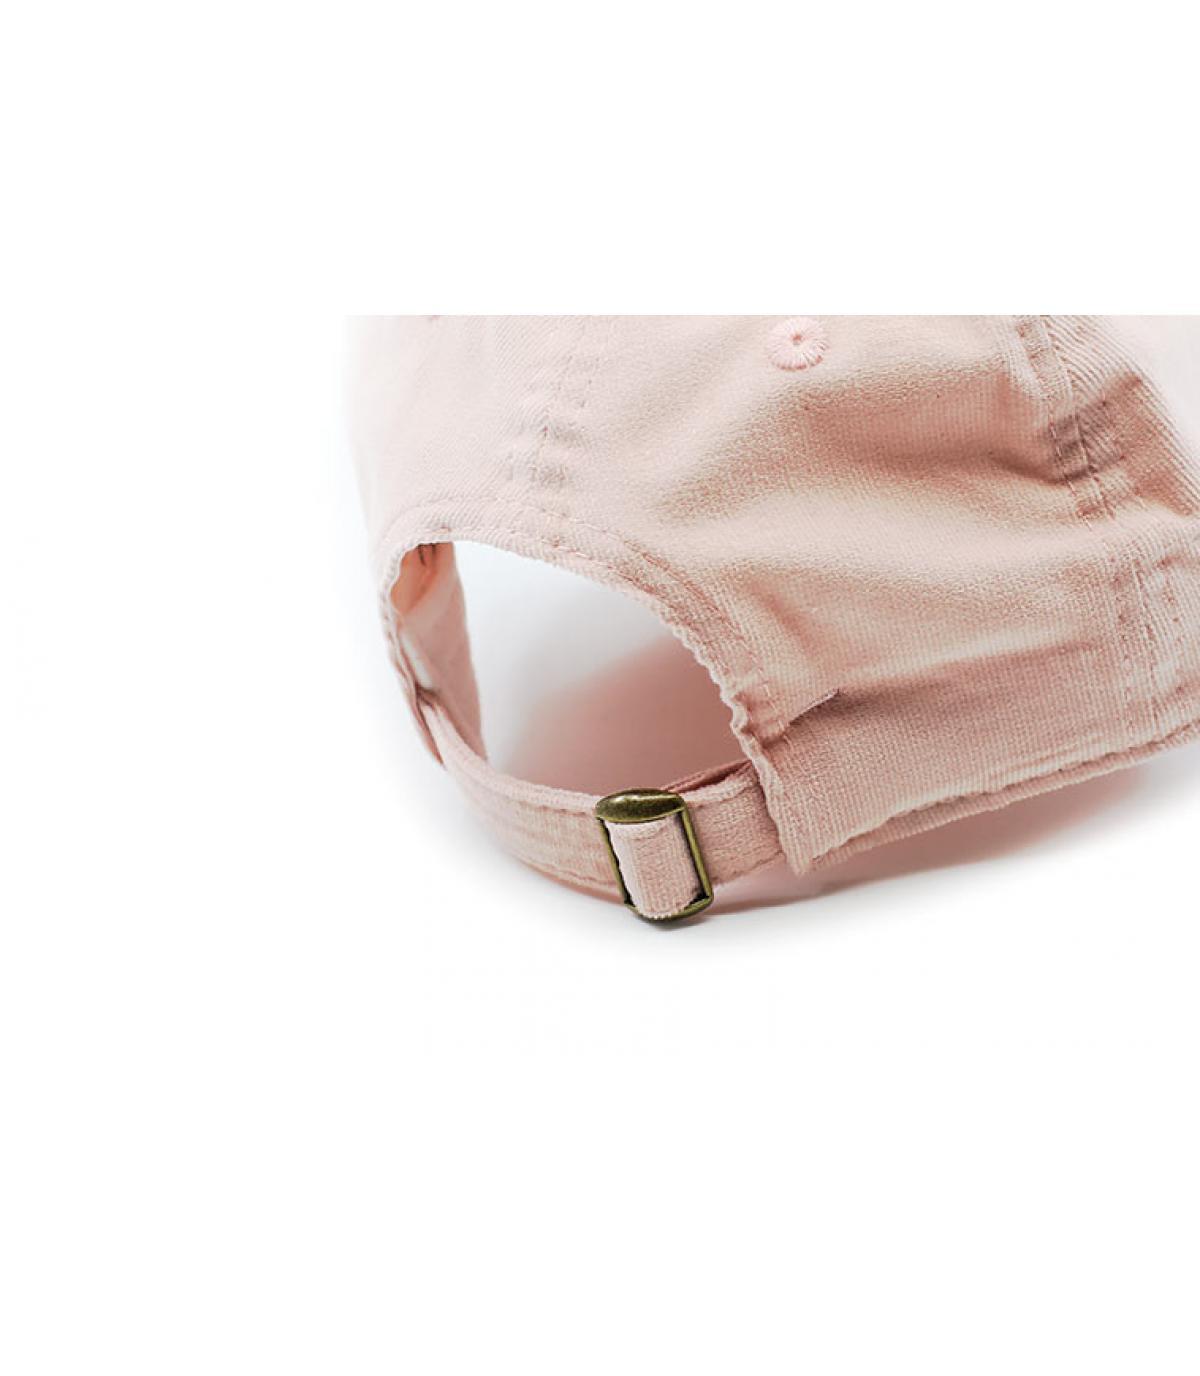 Détails Casquette Wmns Micro Cord Detroit pink - image 5